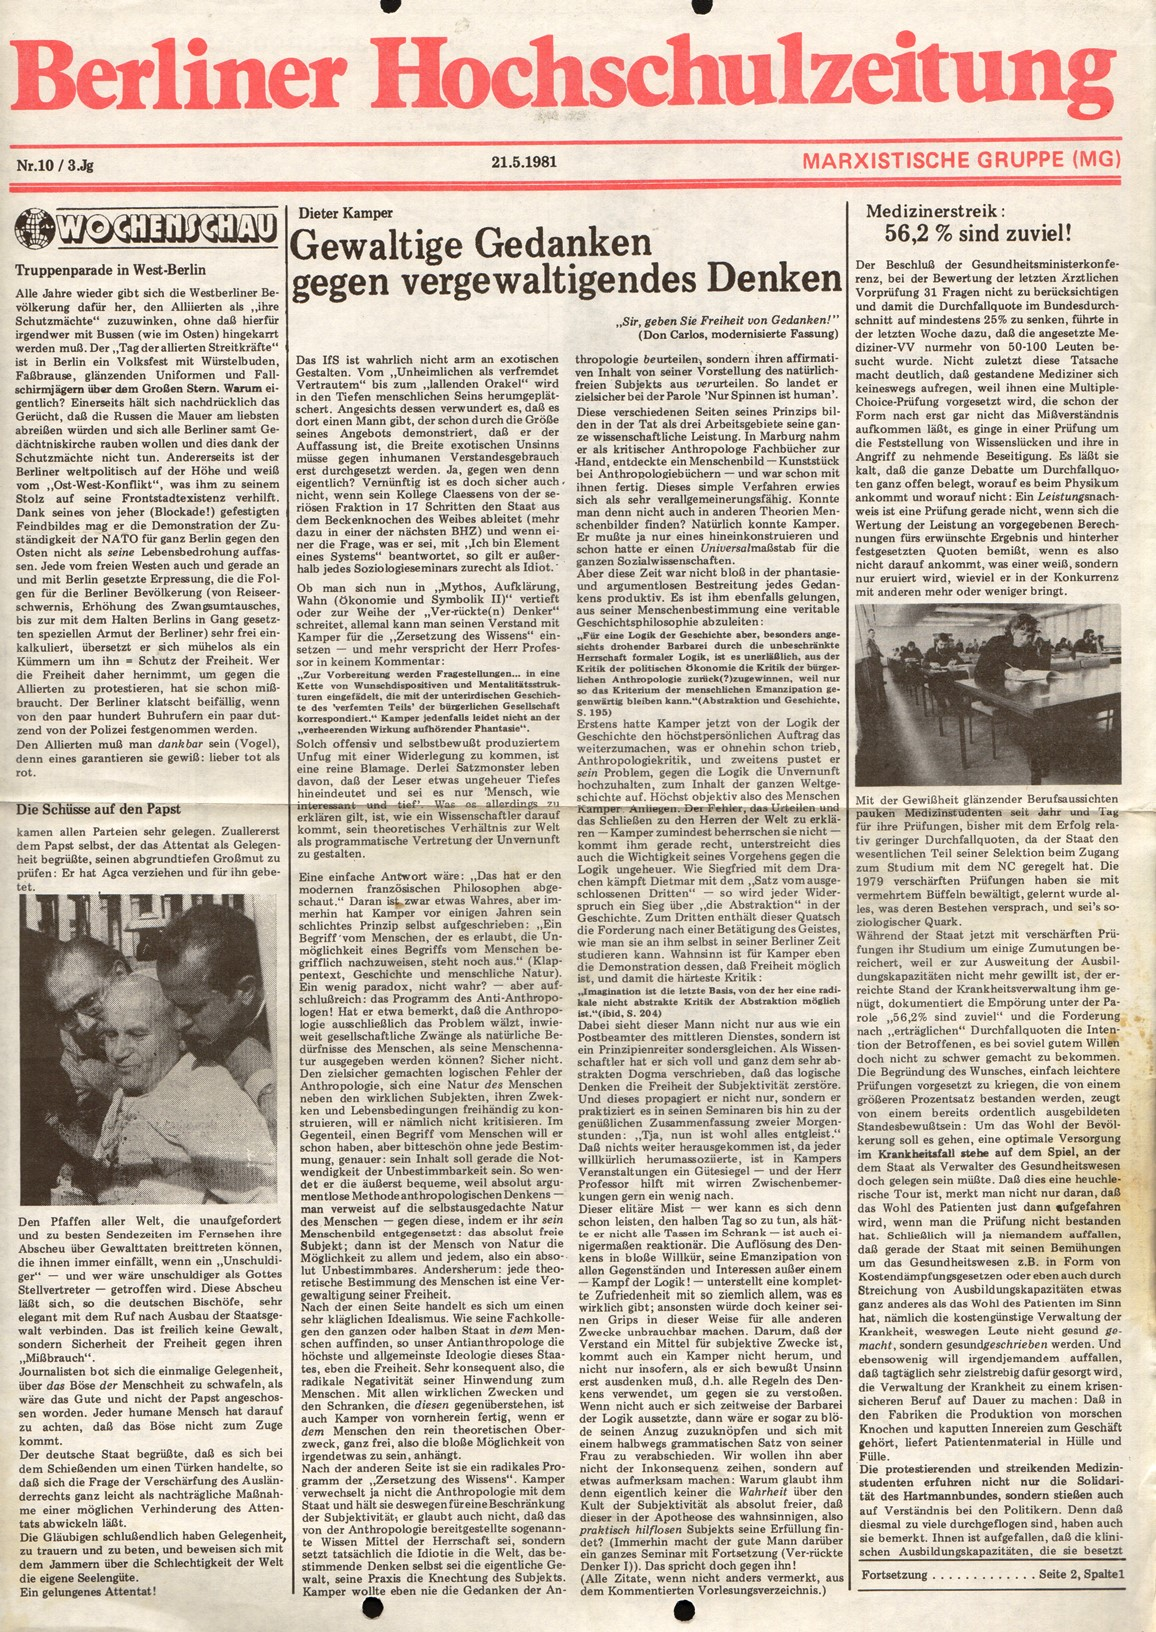 Berlin_MG_Hochschulzeitung_19810521_01